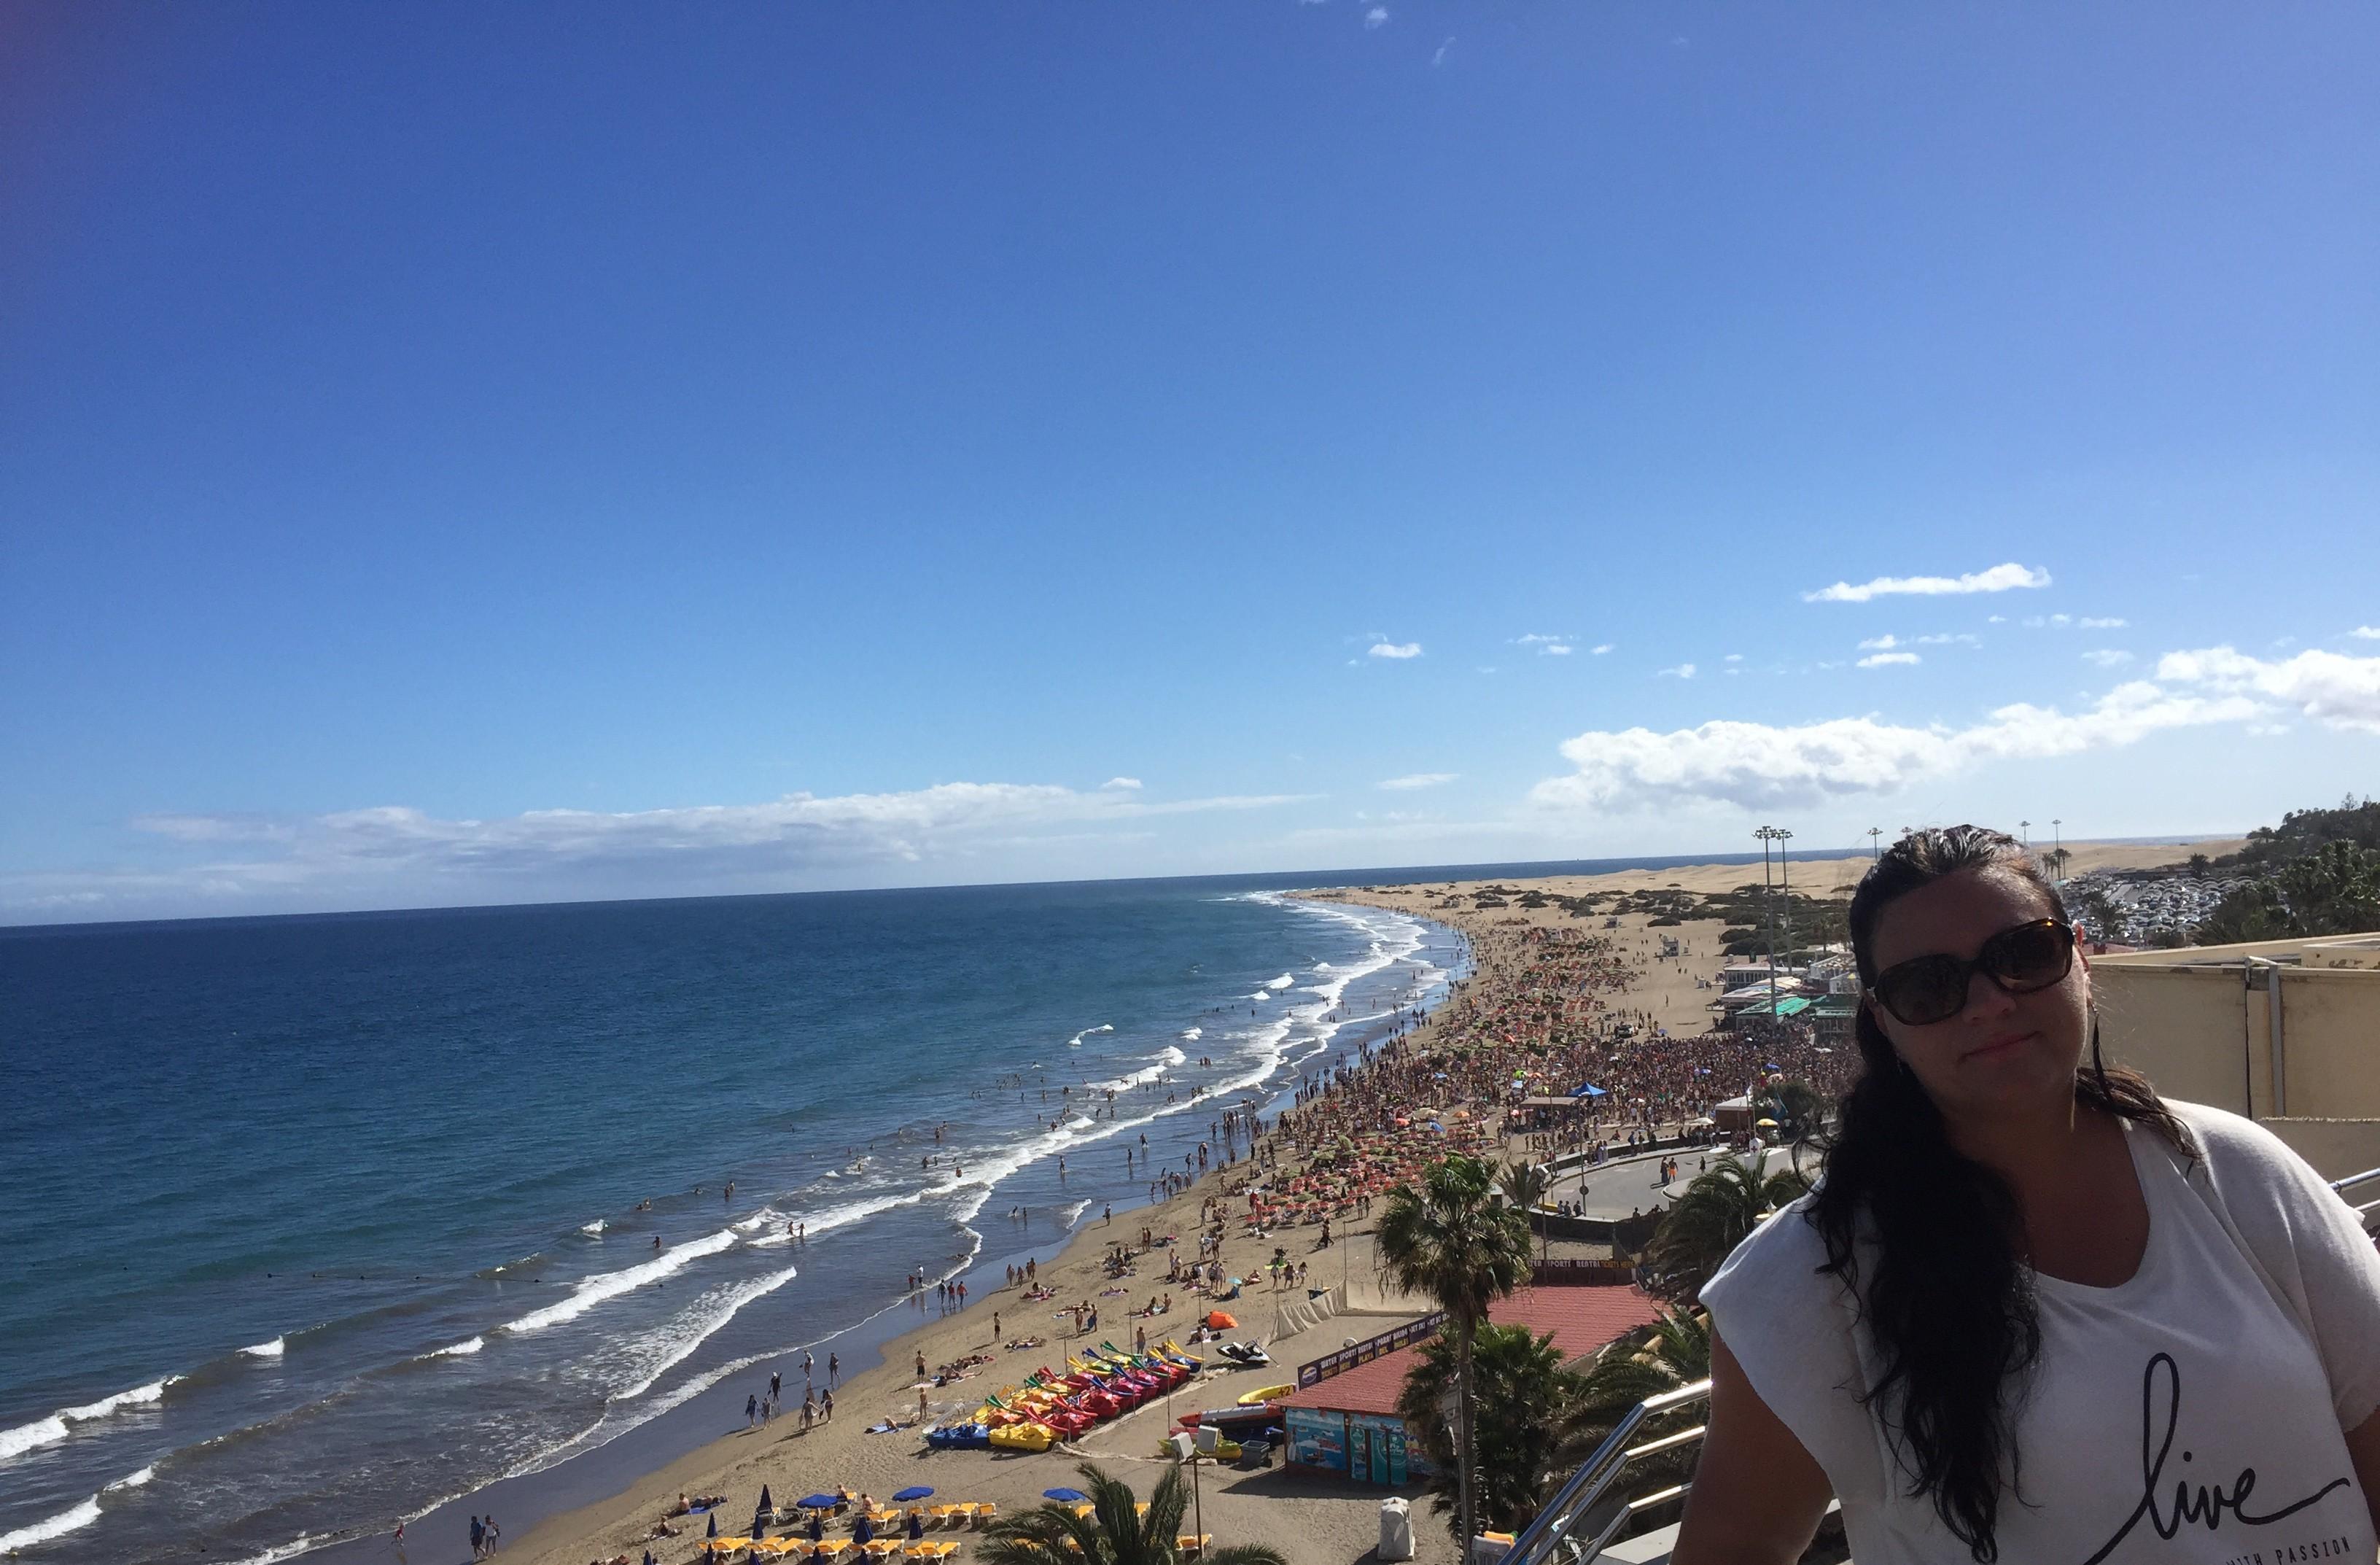 Utsikt över Playa del Ingles stranden